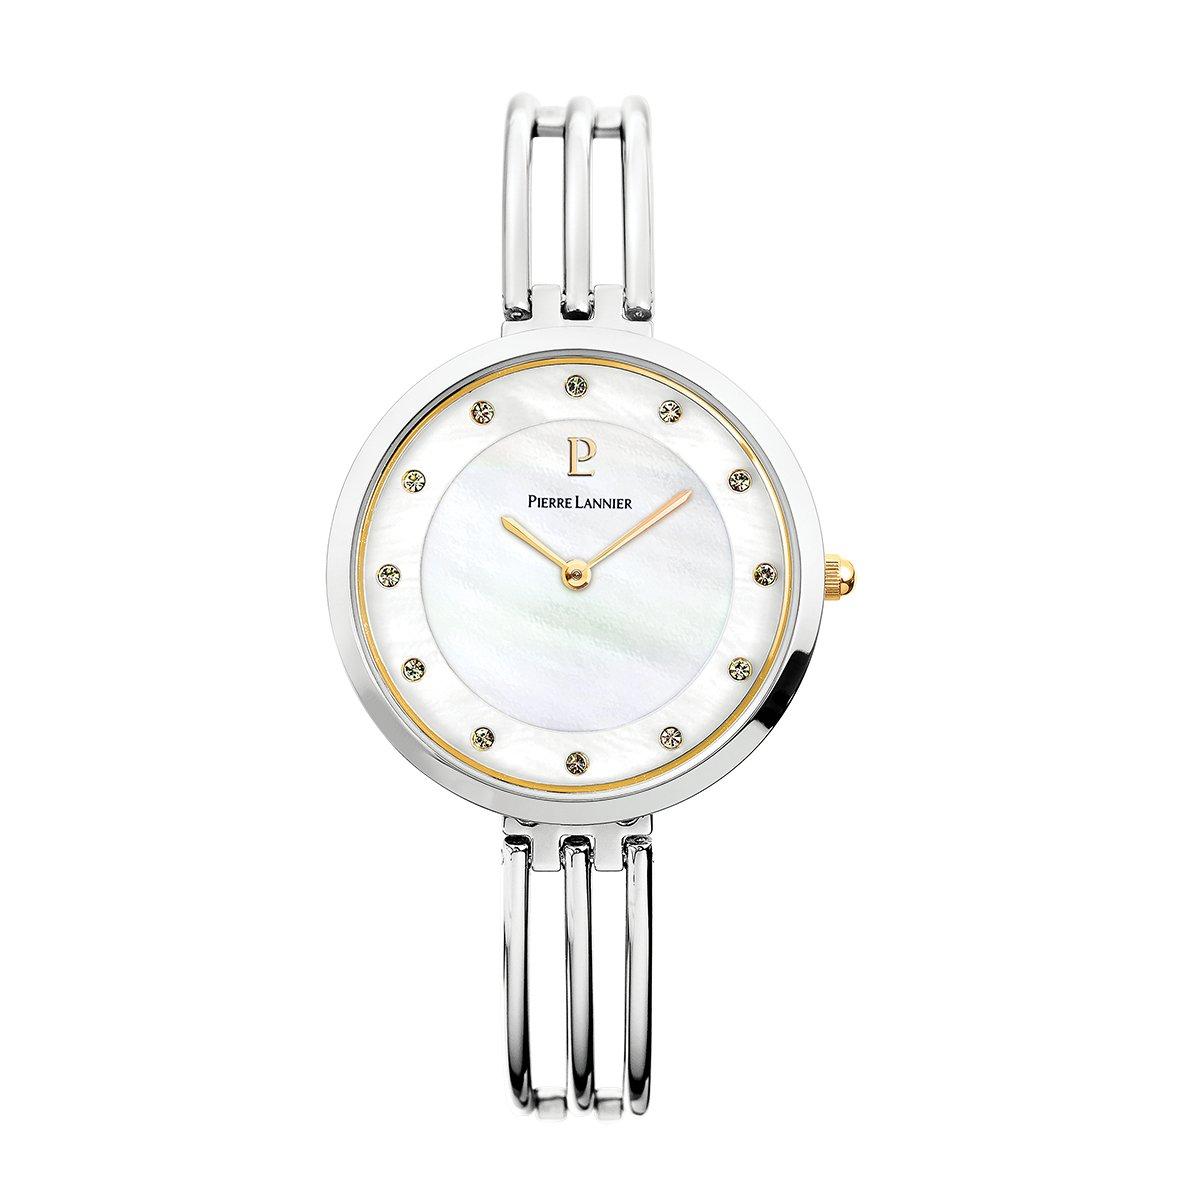 Women's Watch Pierre Lannier - 015H690 - ELEGANCE STYLE - Silver by Pierre Lannier